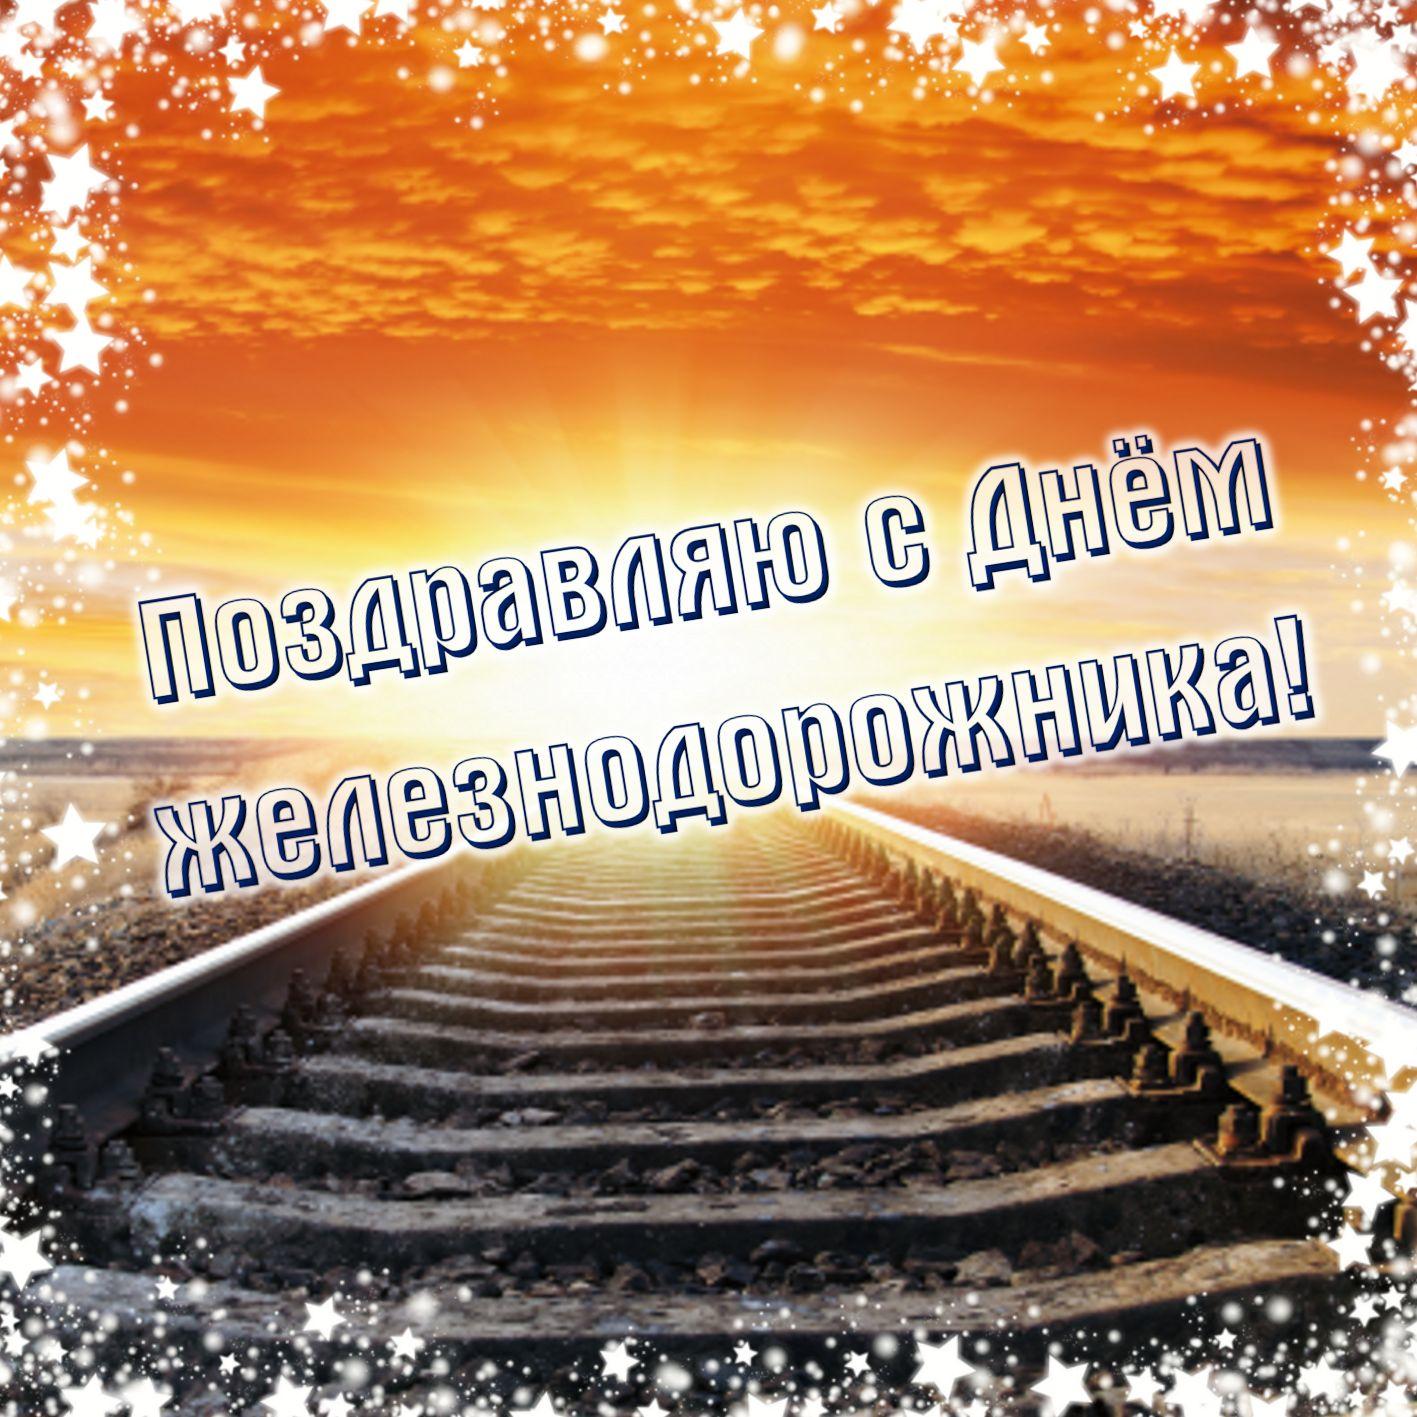 Открытка с бегущими вдаль рельсами на День железнодорожника